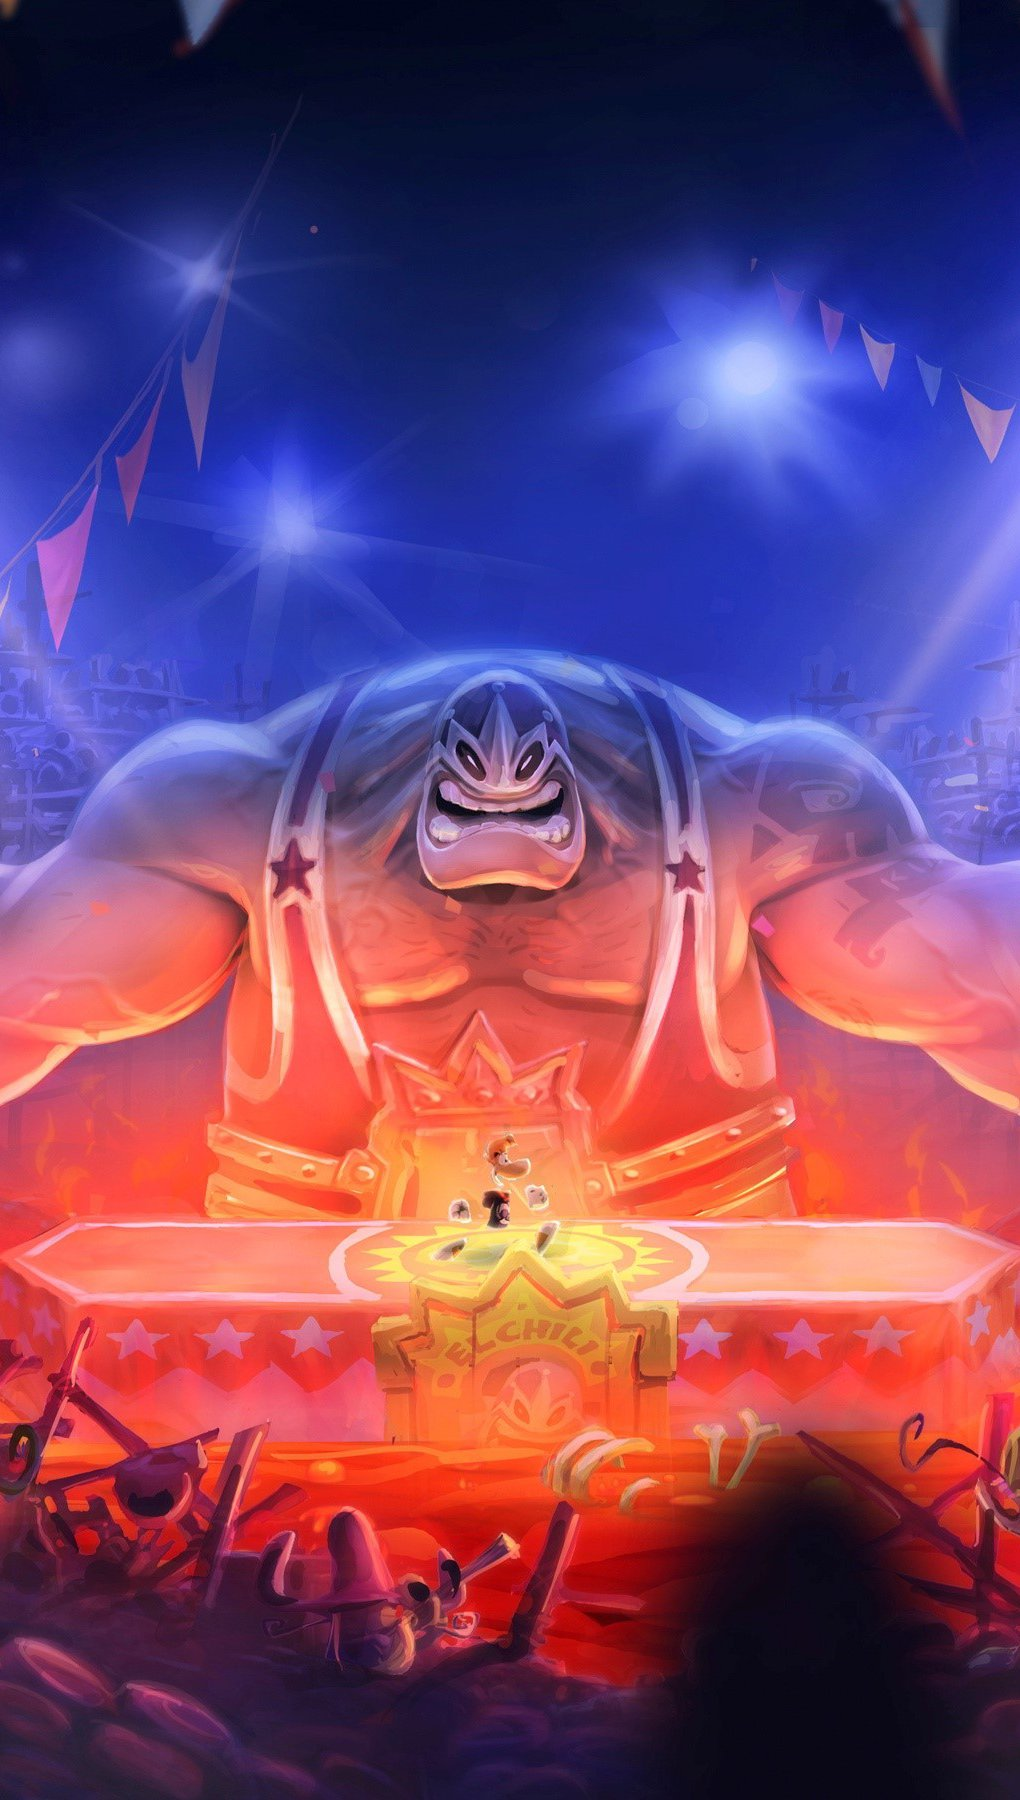 Fondos de pantalla Dibujo de Rayman legends Vertical